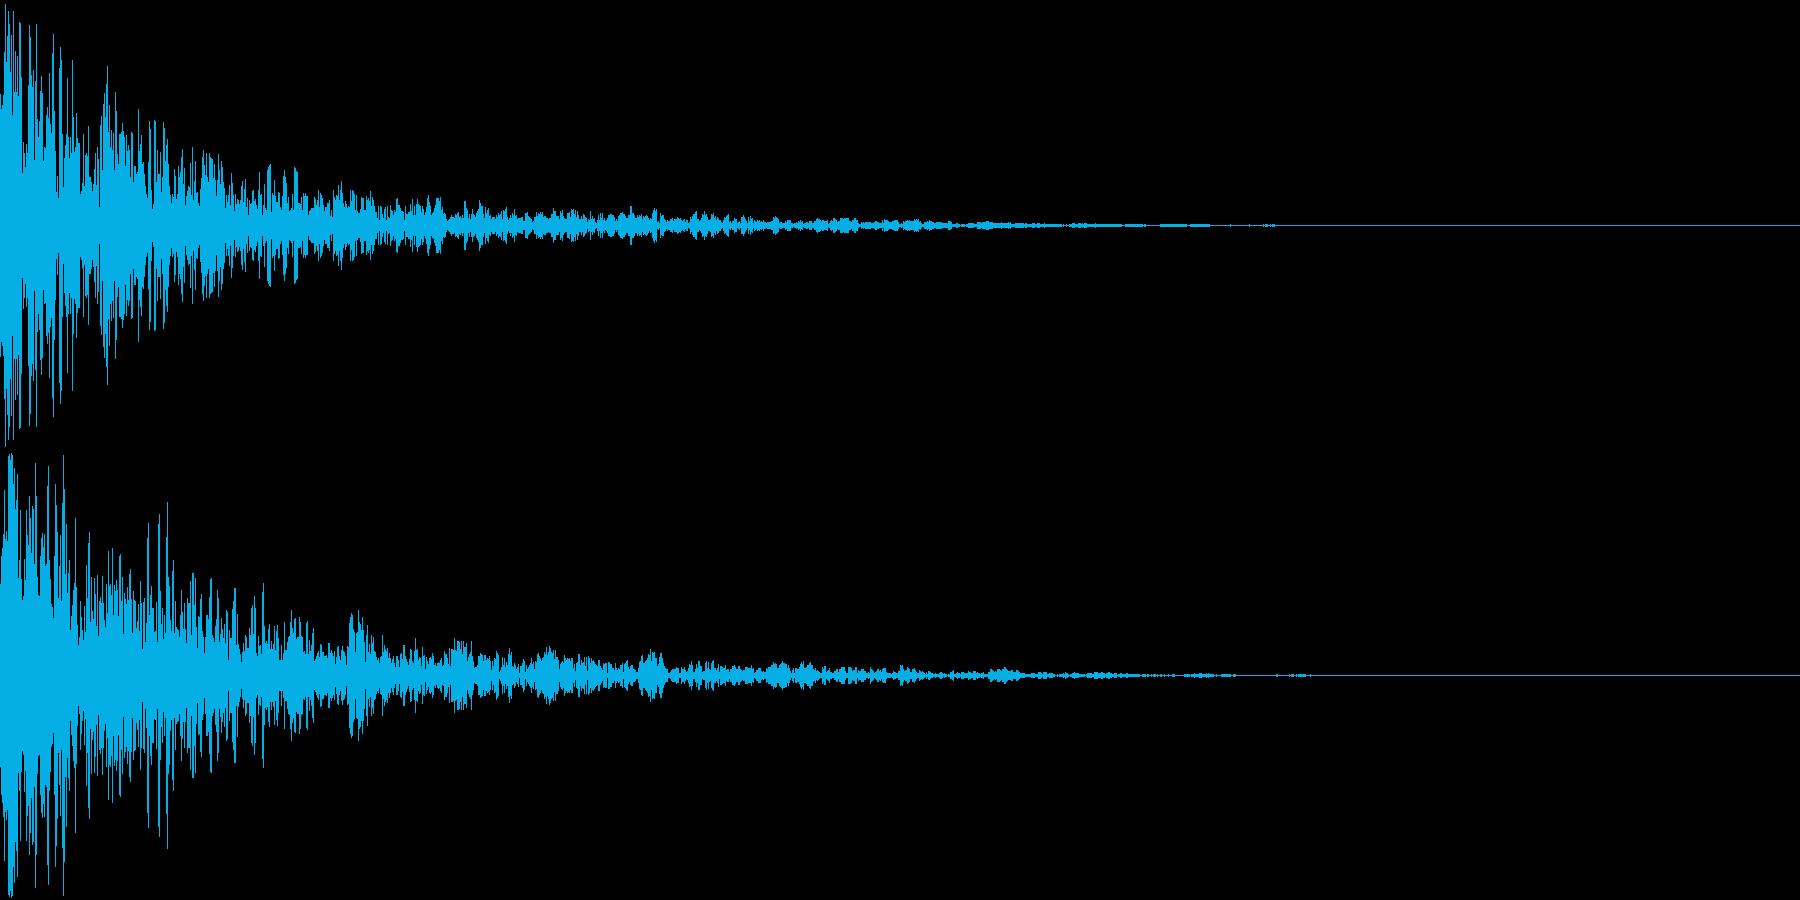 ドーン-48-2(インパクト音)の再生済みの波形